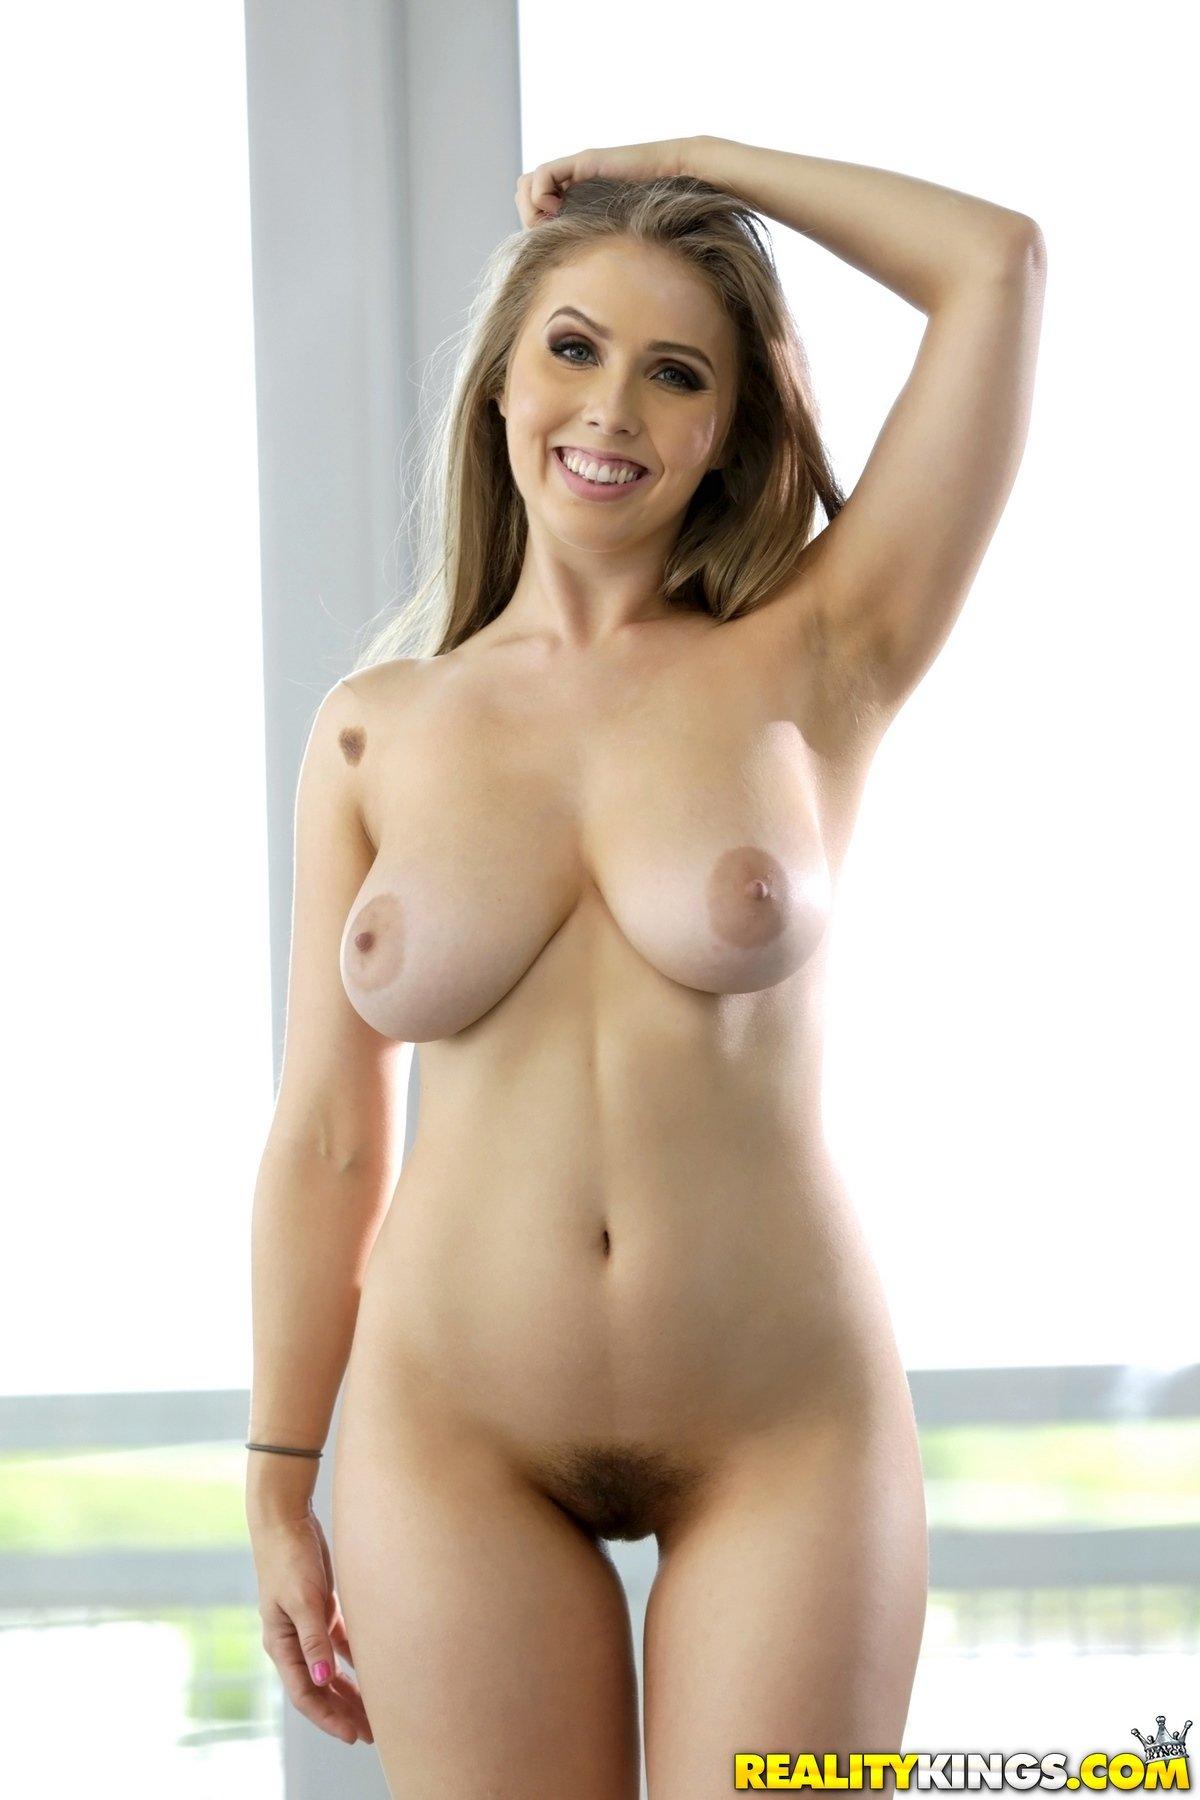 Похотливая блондинка лижет классная грудь смотреть эротику